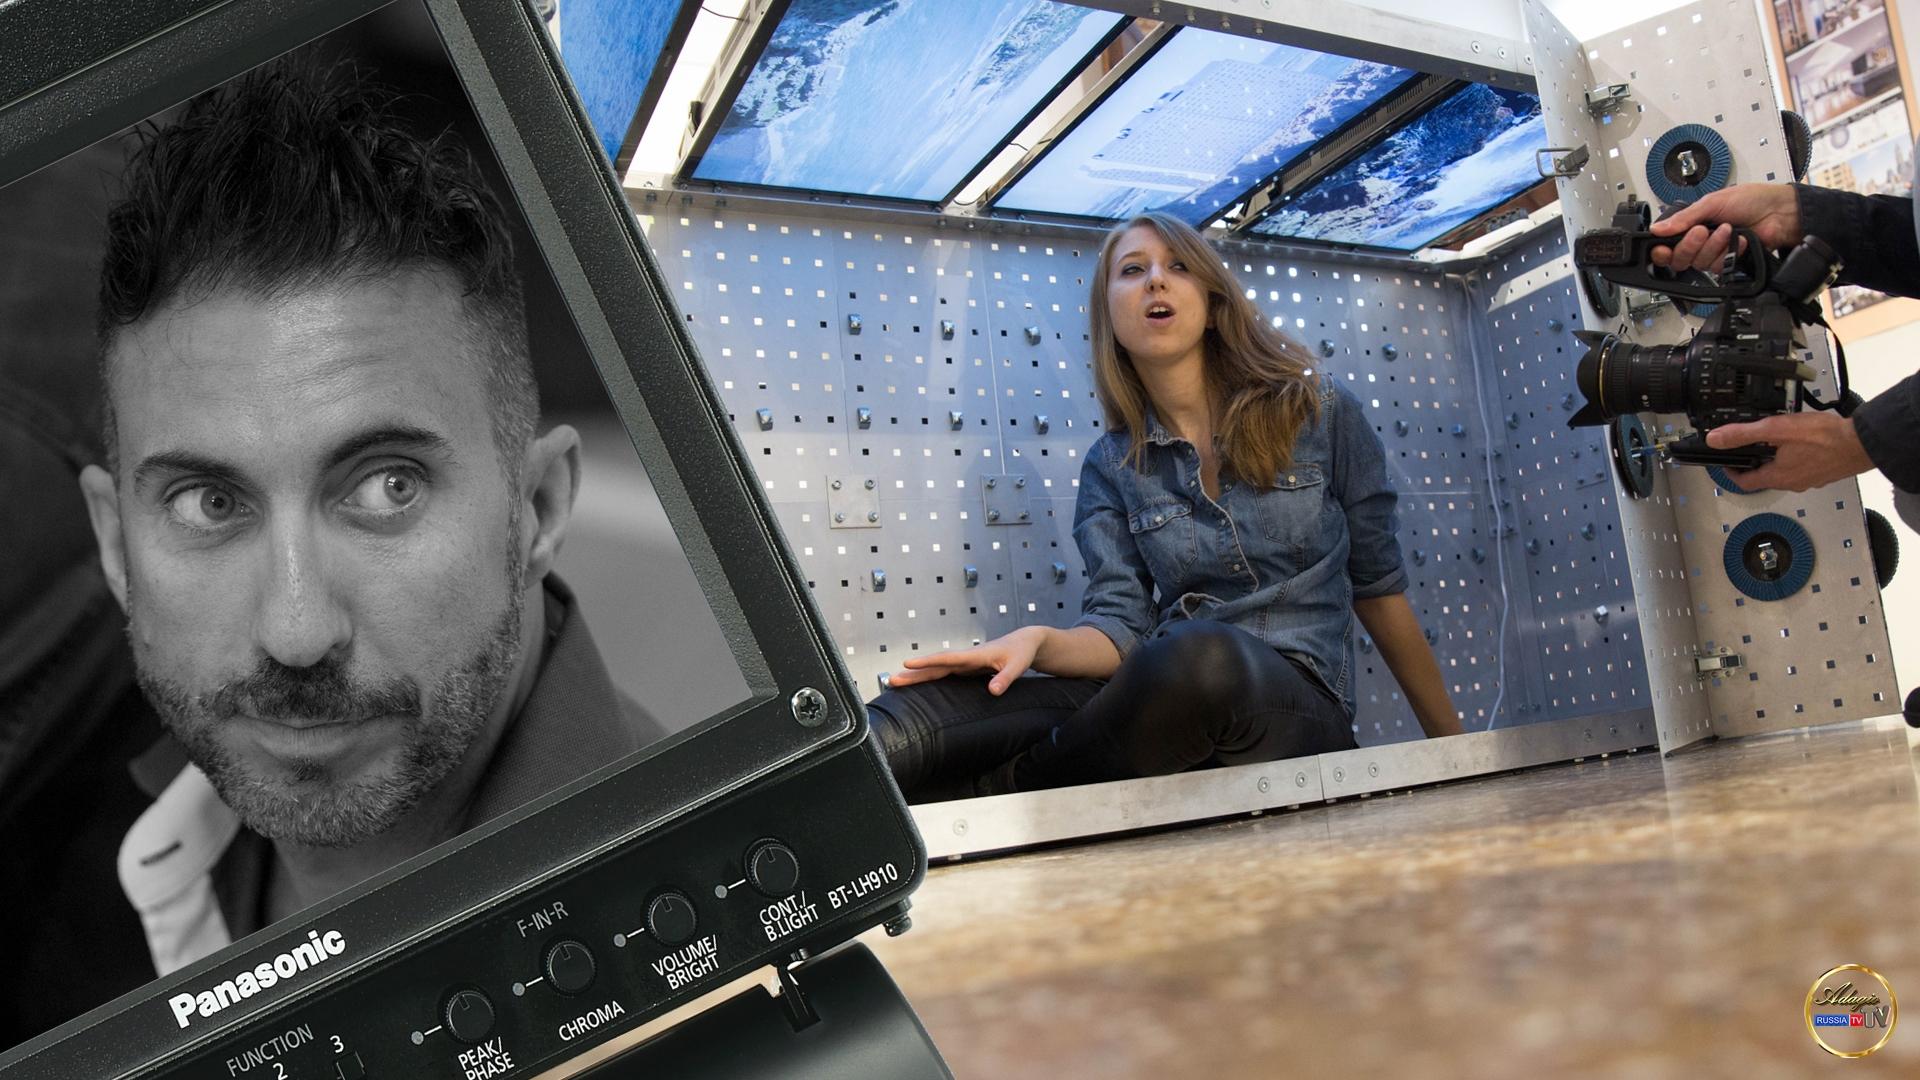 Producer Klaus Docupil - Cyber Sun